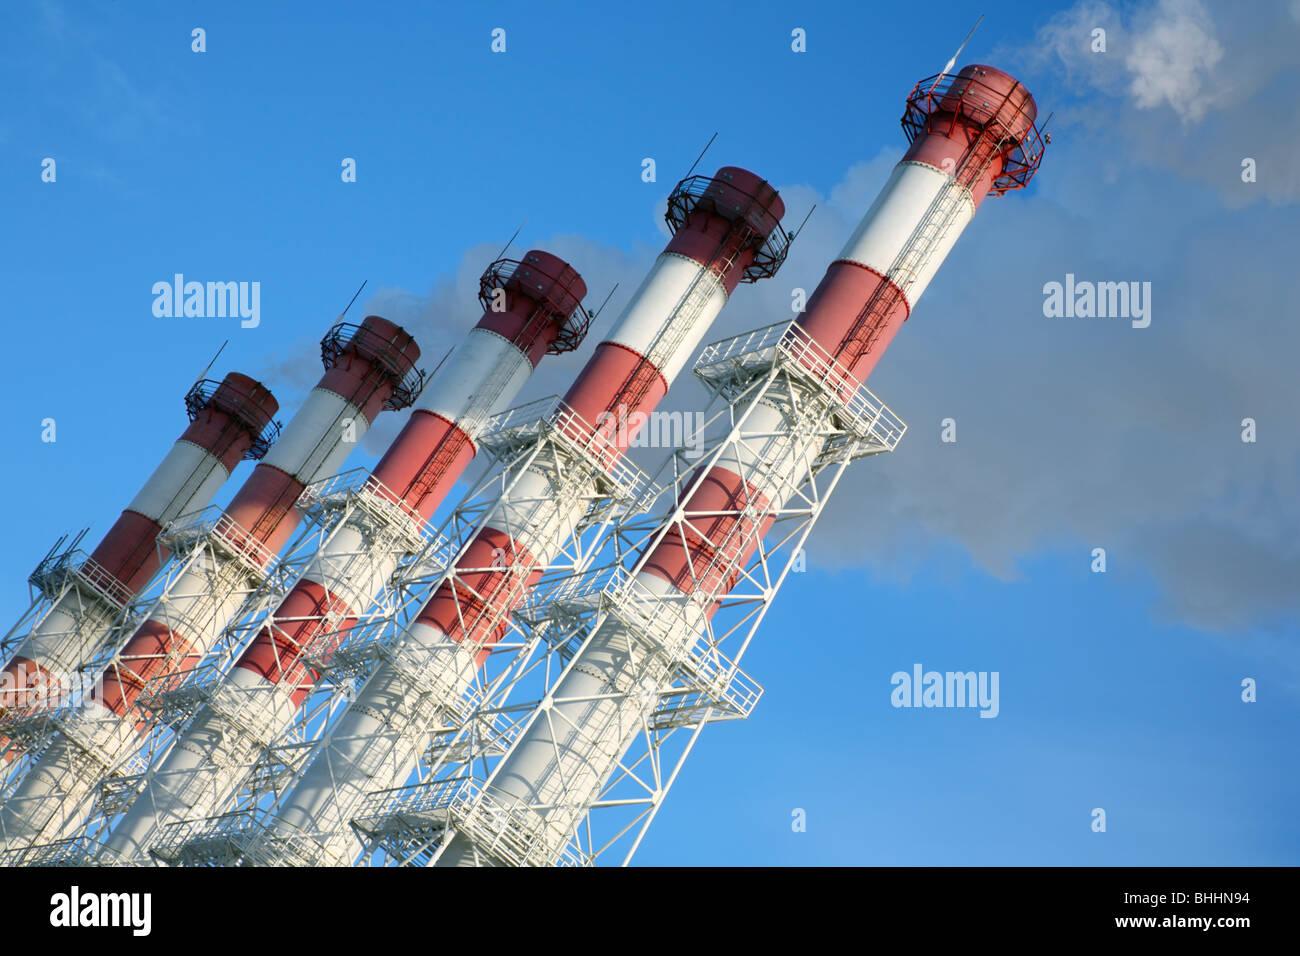 Cinq cheminées avec de la vapeur sur un fond de ciel bleu. Vue d'inclinaison. Photo Stock